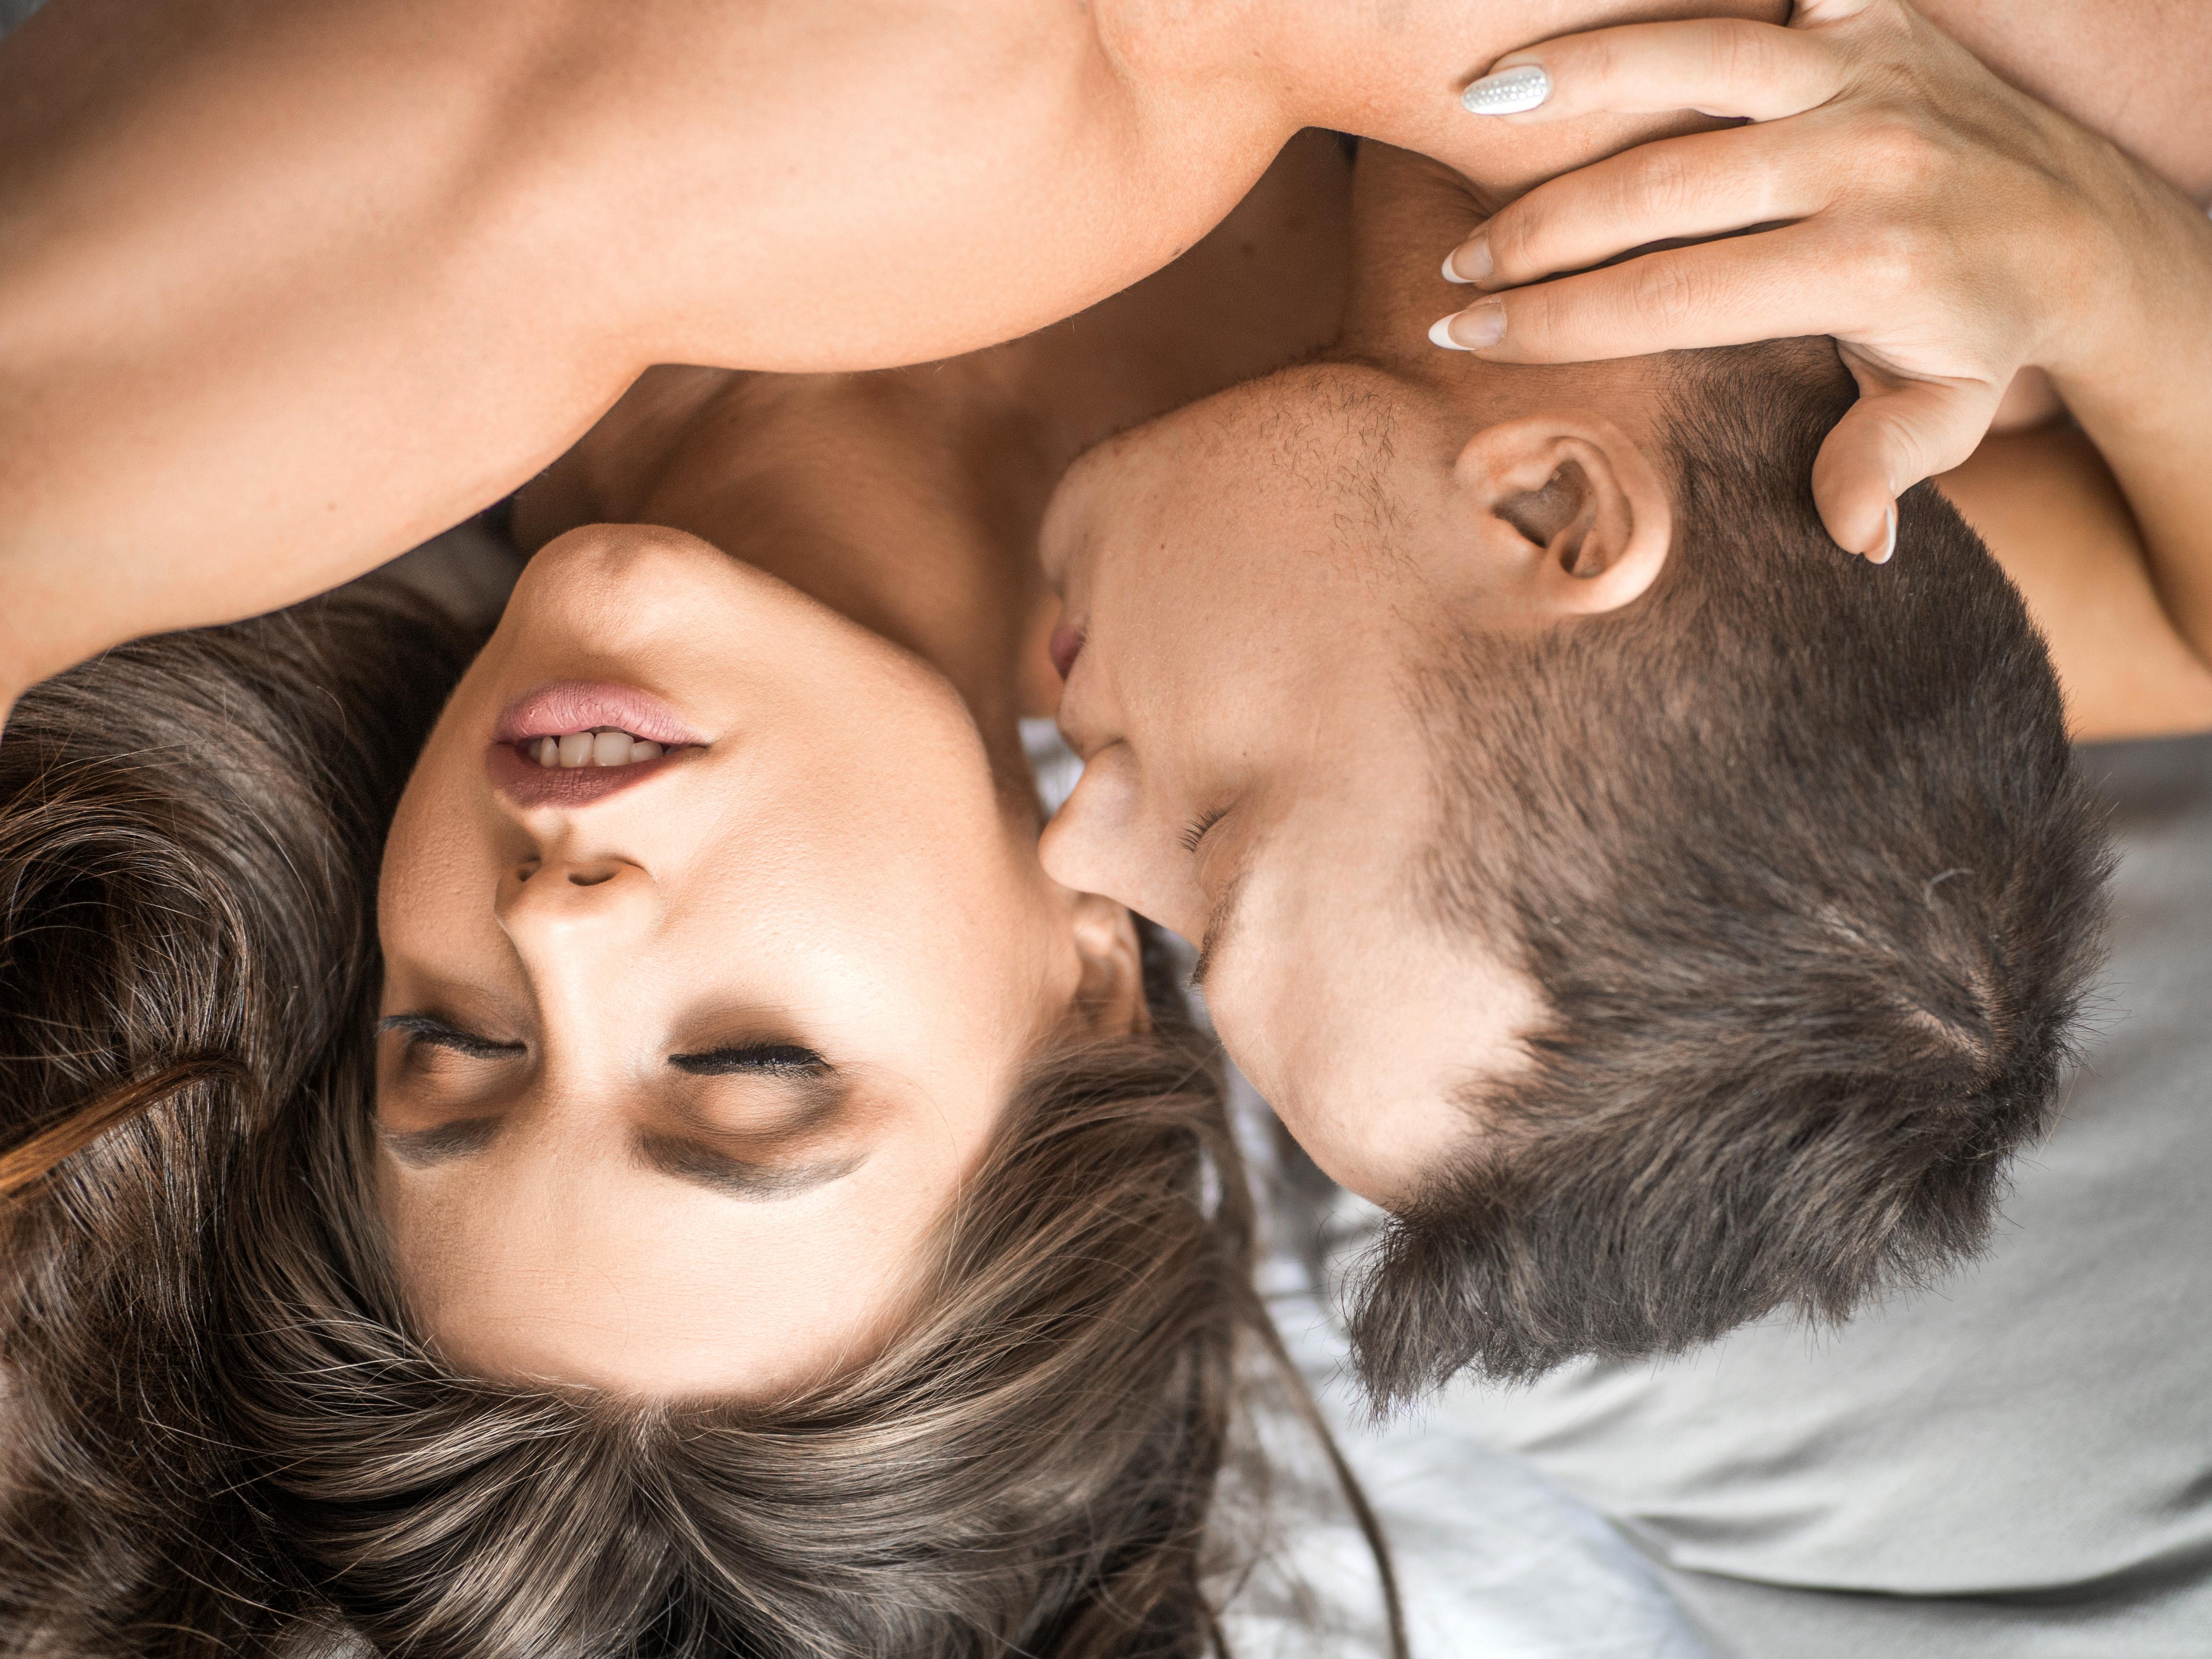 Orgasmus-Studie: Männer aus Österreich täuschen am häufigsten vor